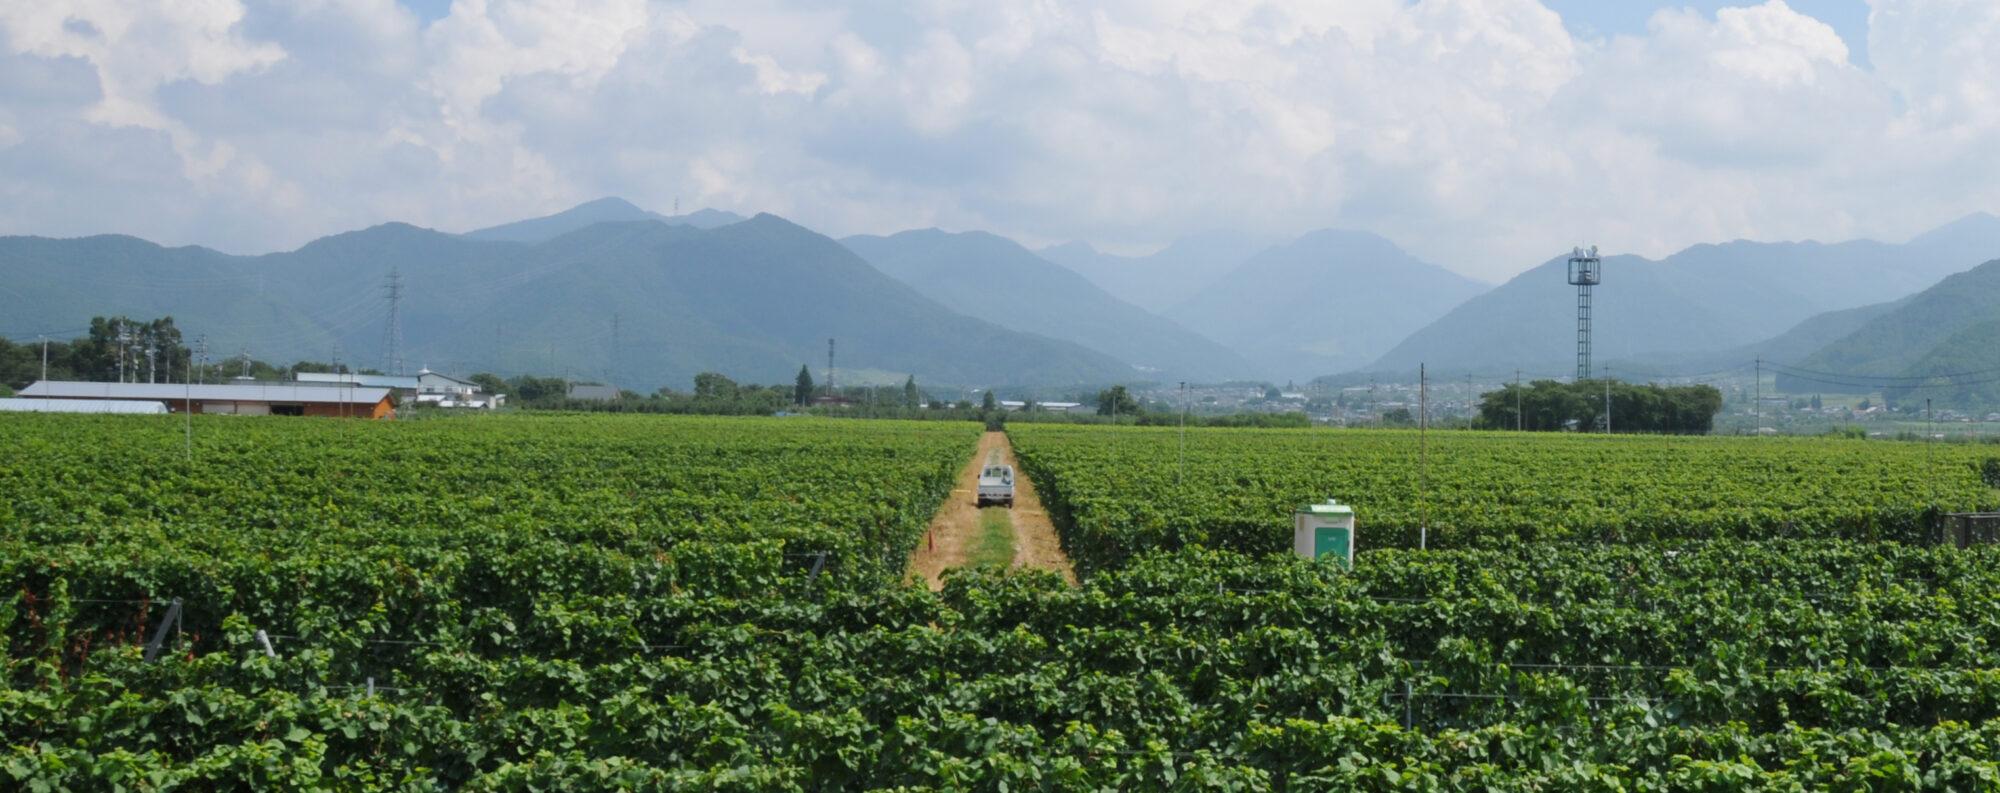 ほっとスタッフブログながの 長野地域の魅力、わたしたちの仕事について、ホットな話題を提供していきます! (写真:高山村・ワイン葡萄畑)